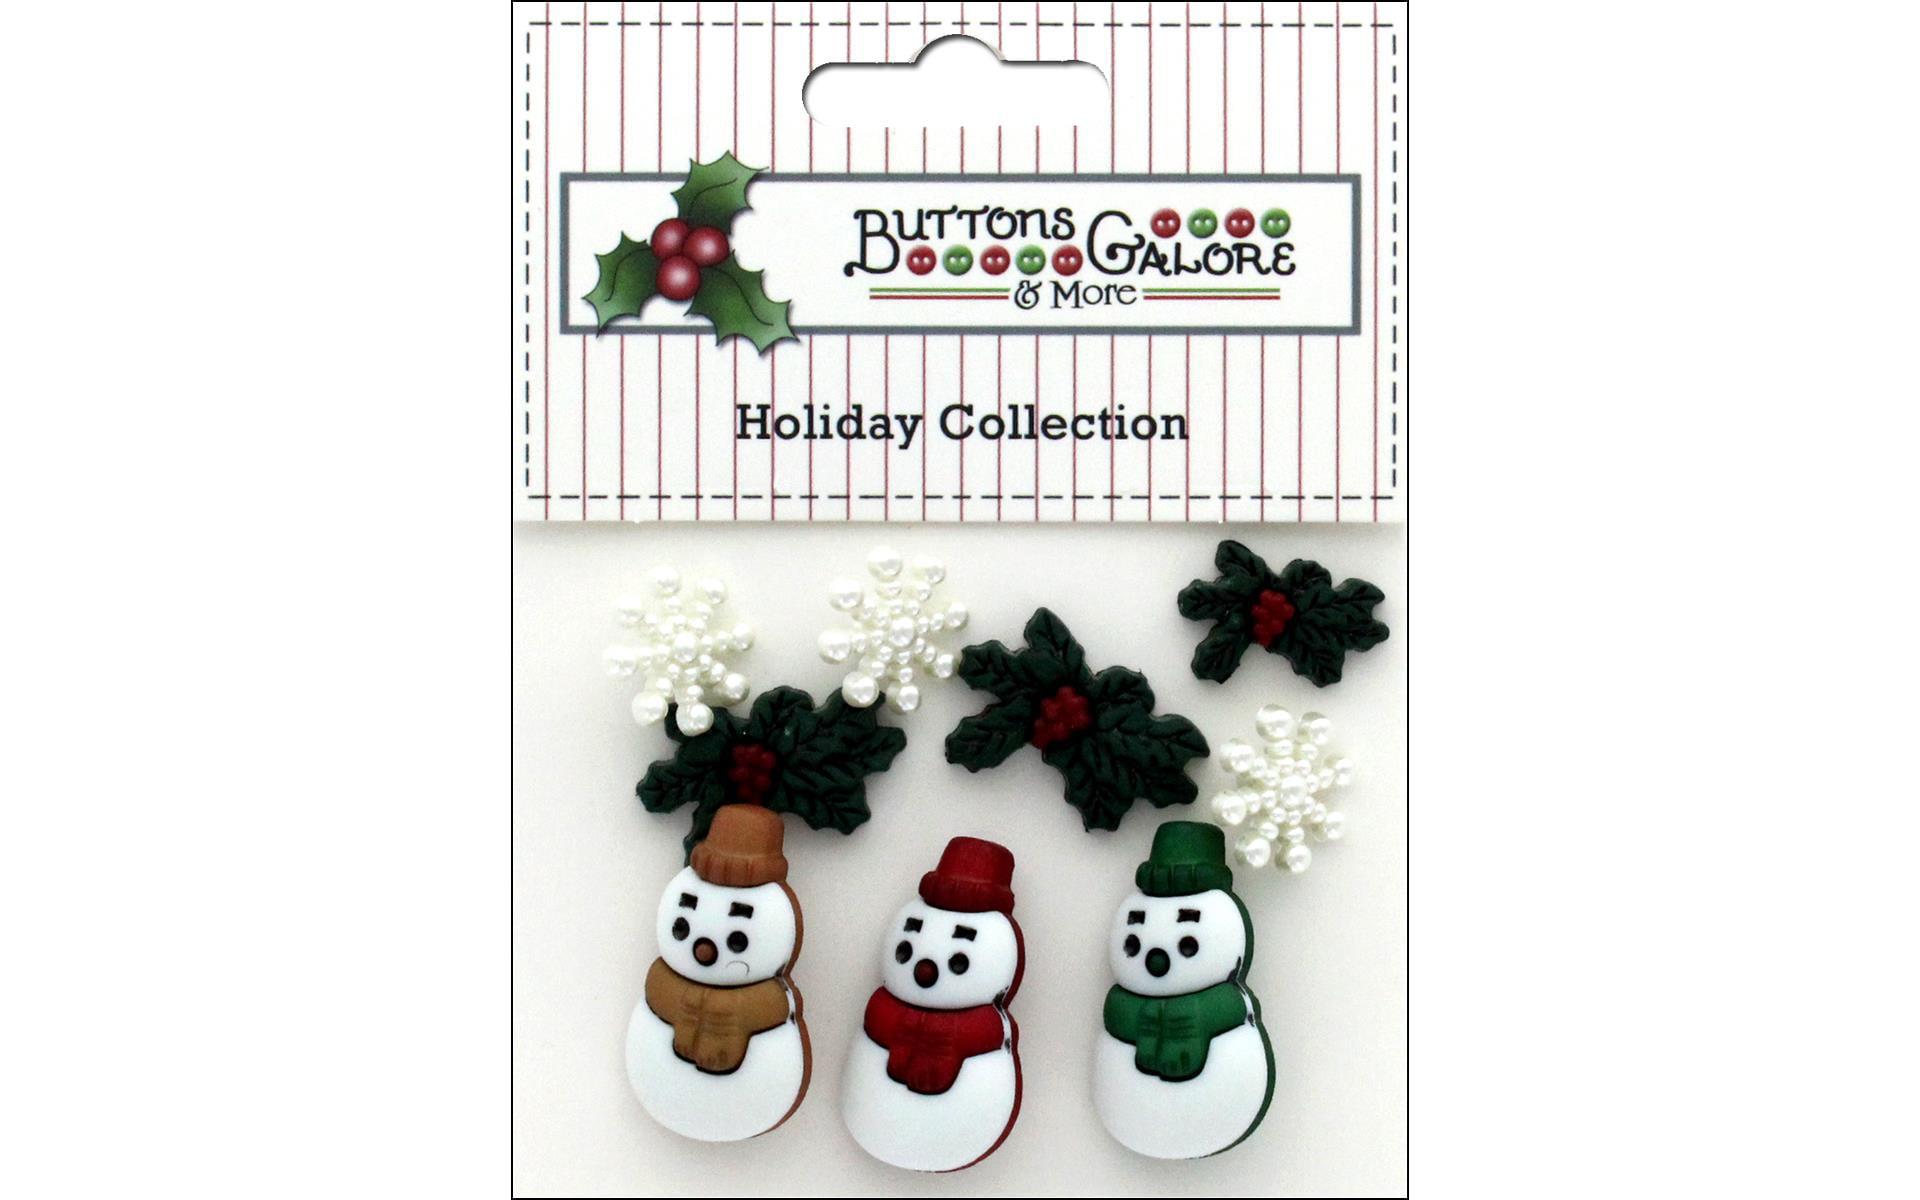 7e26d0e494 Buttons Galore Theme Button Holiday Tis The Season